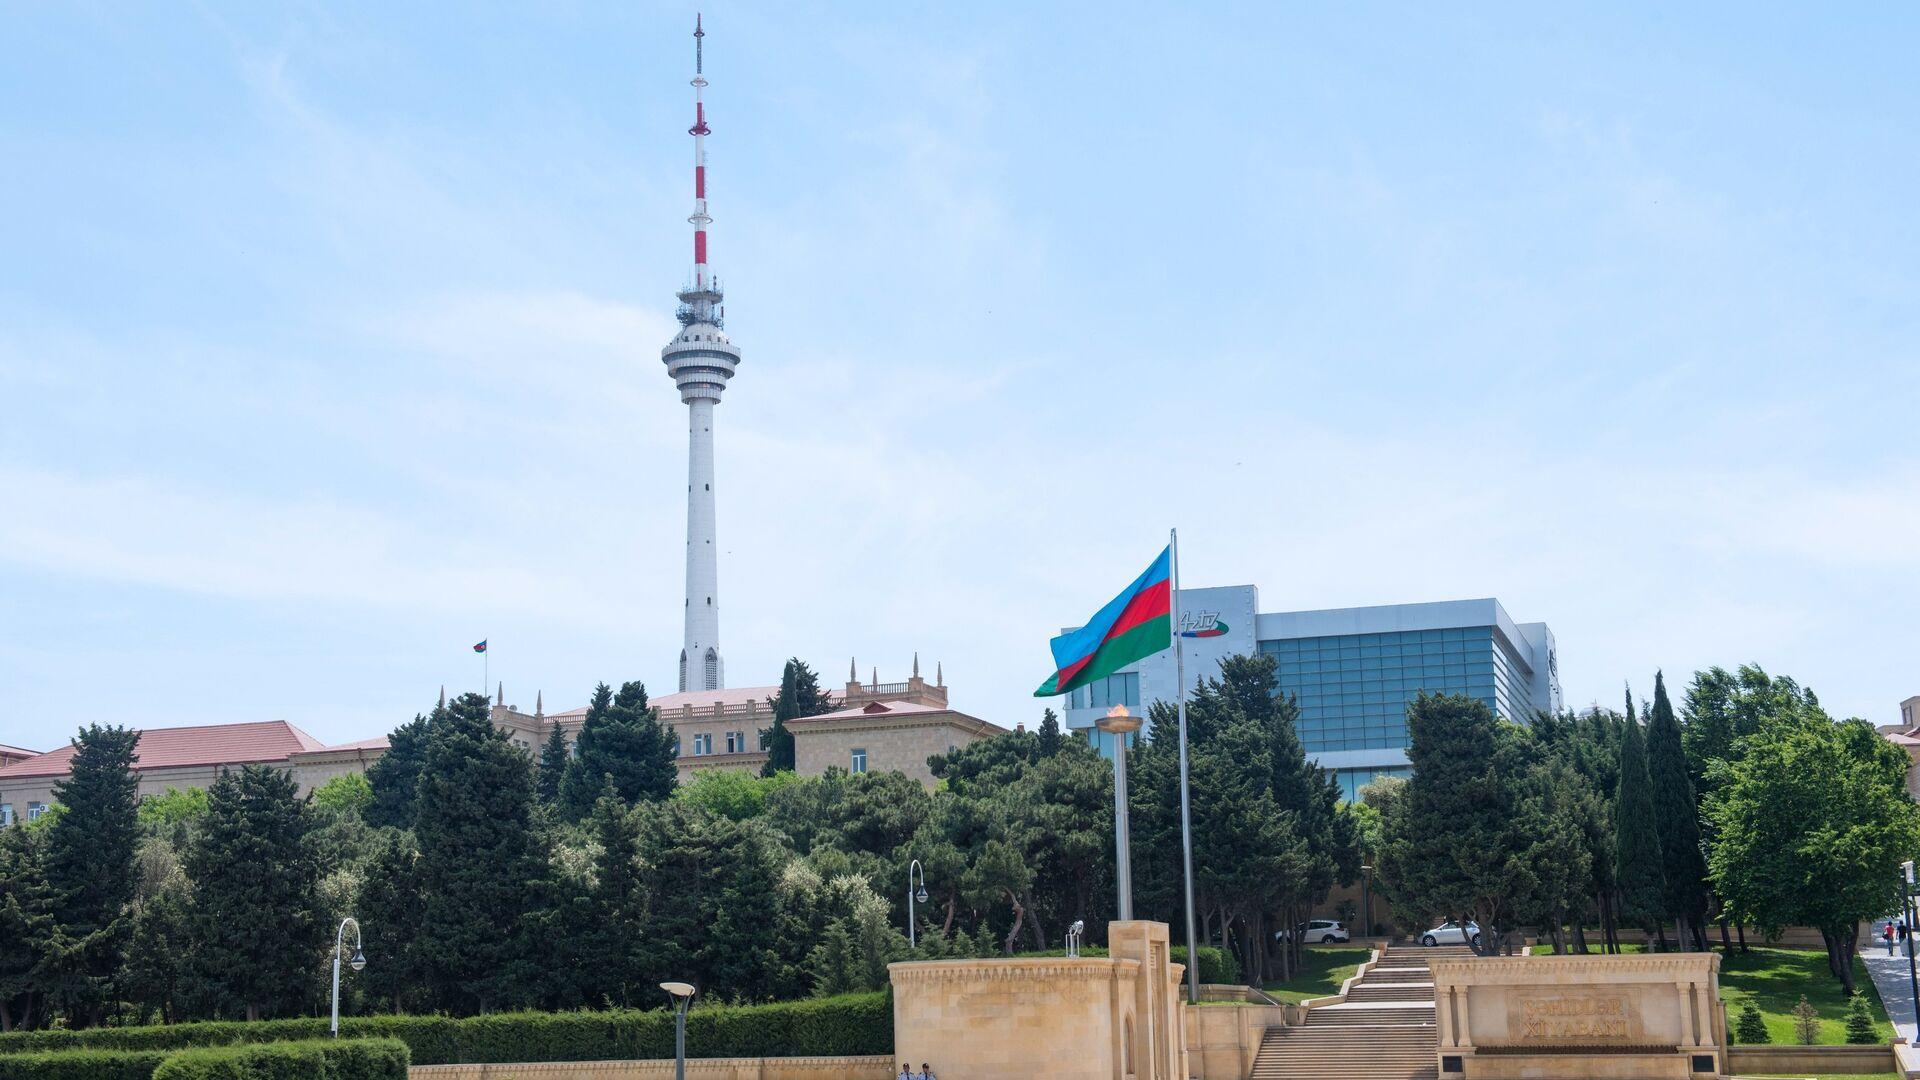 1441506123 0:158:3077:1889 1920x0 80 0 0 e10264bc584081466b60e0773353fe47 - В Азербайджане ввели комендантский час